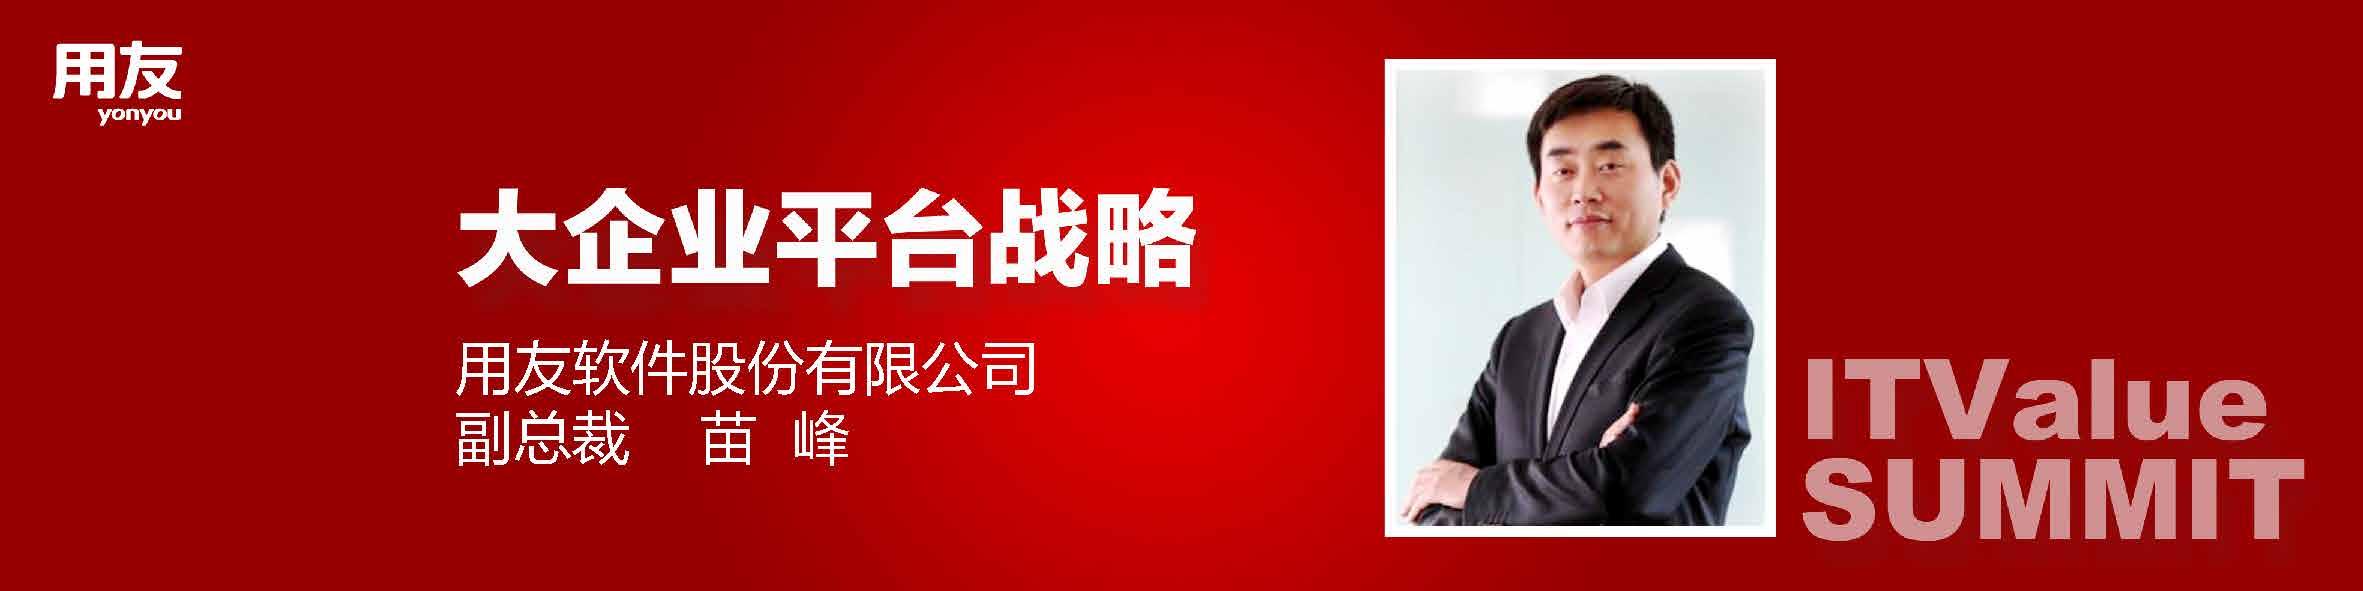 苗峰-大企业平台战略